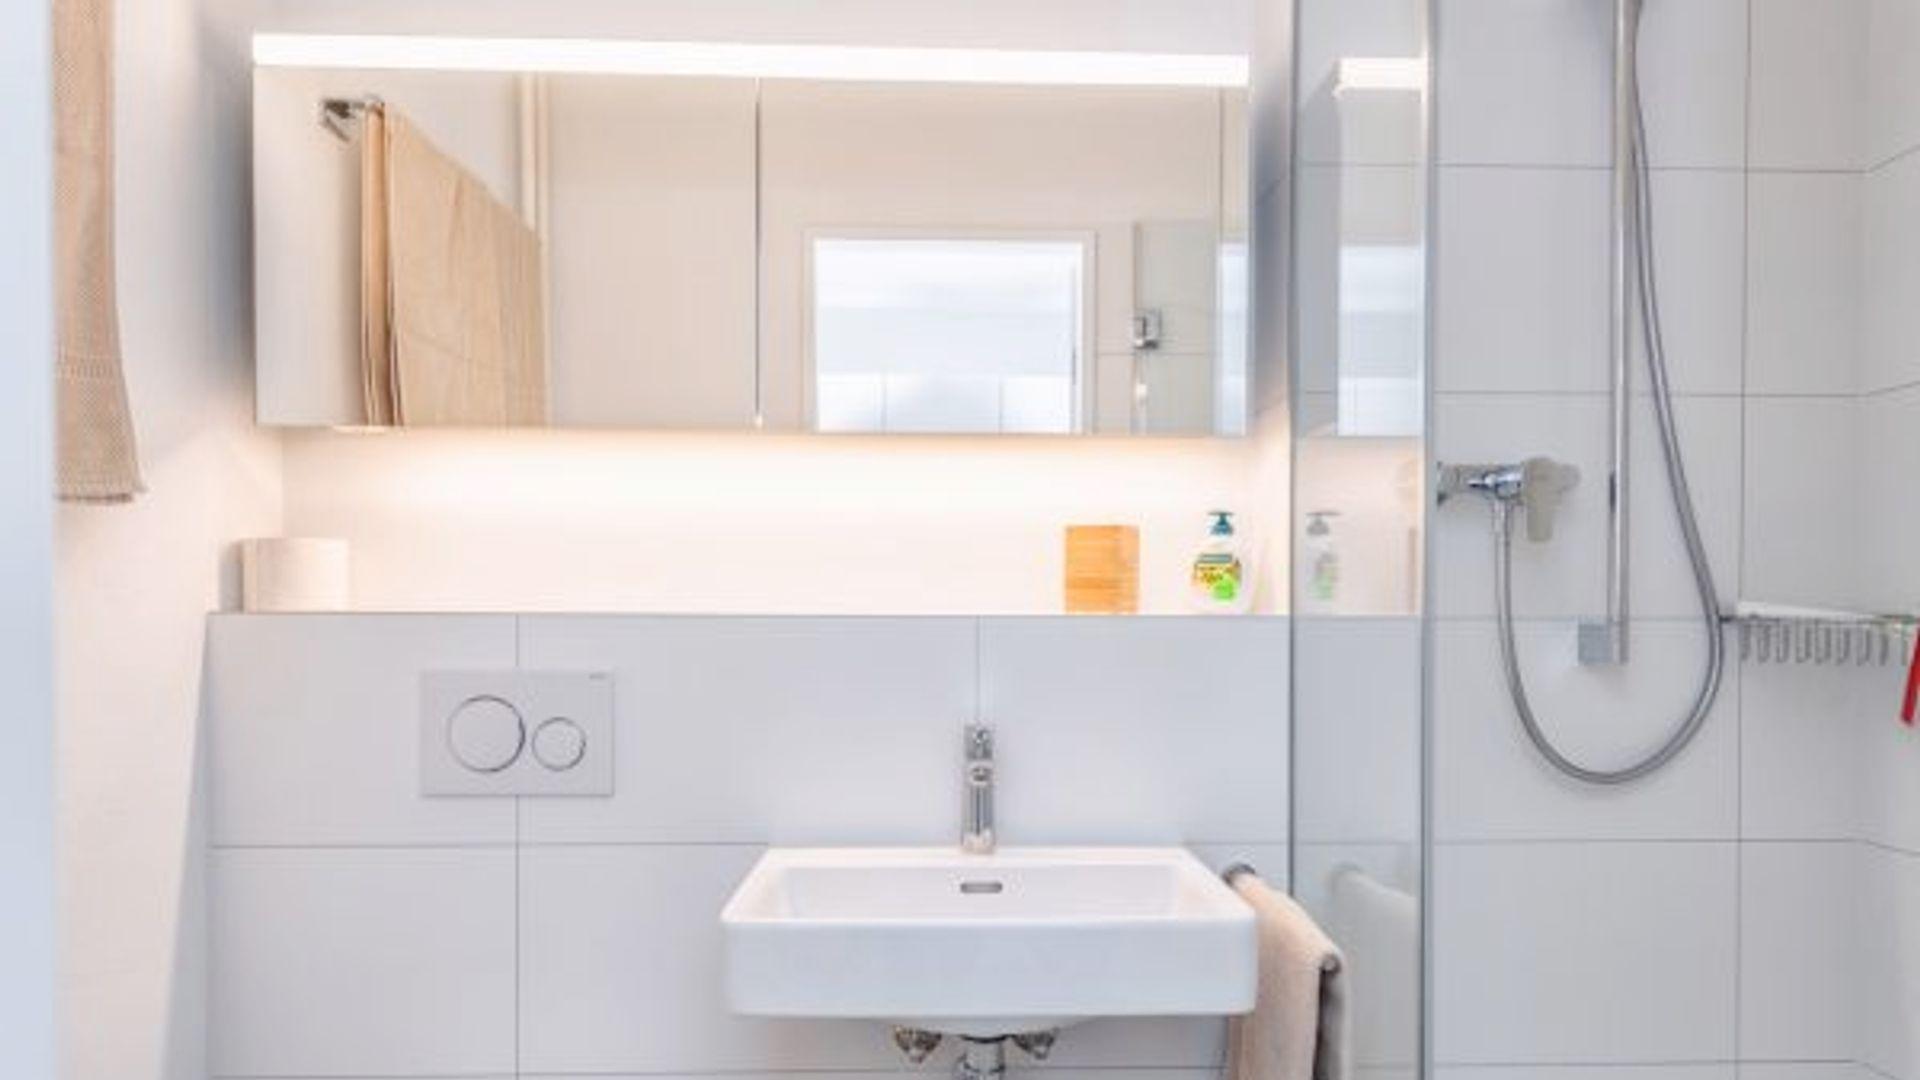 1 bed apartment at Zielweg 80, 8063 Zurich, Switzerland ...